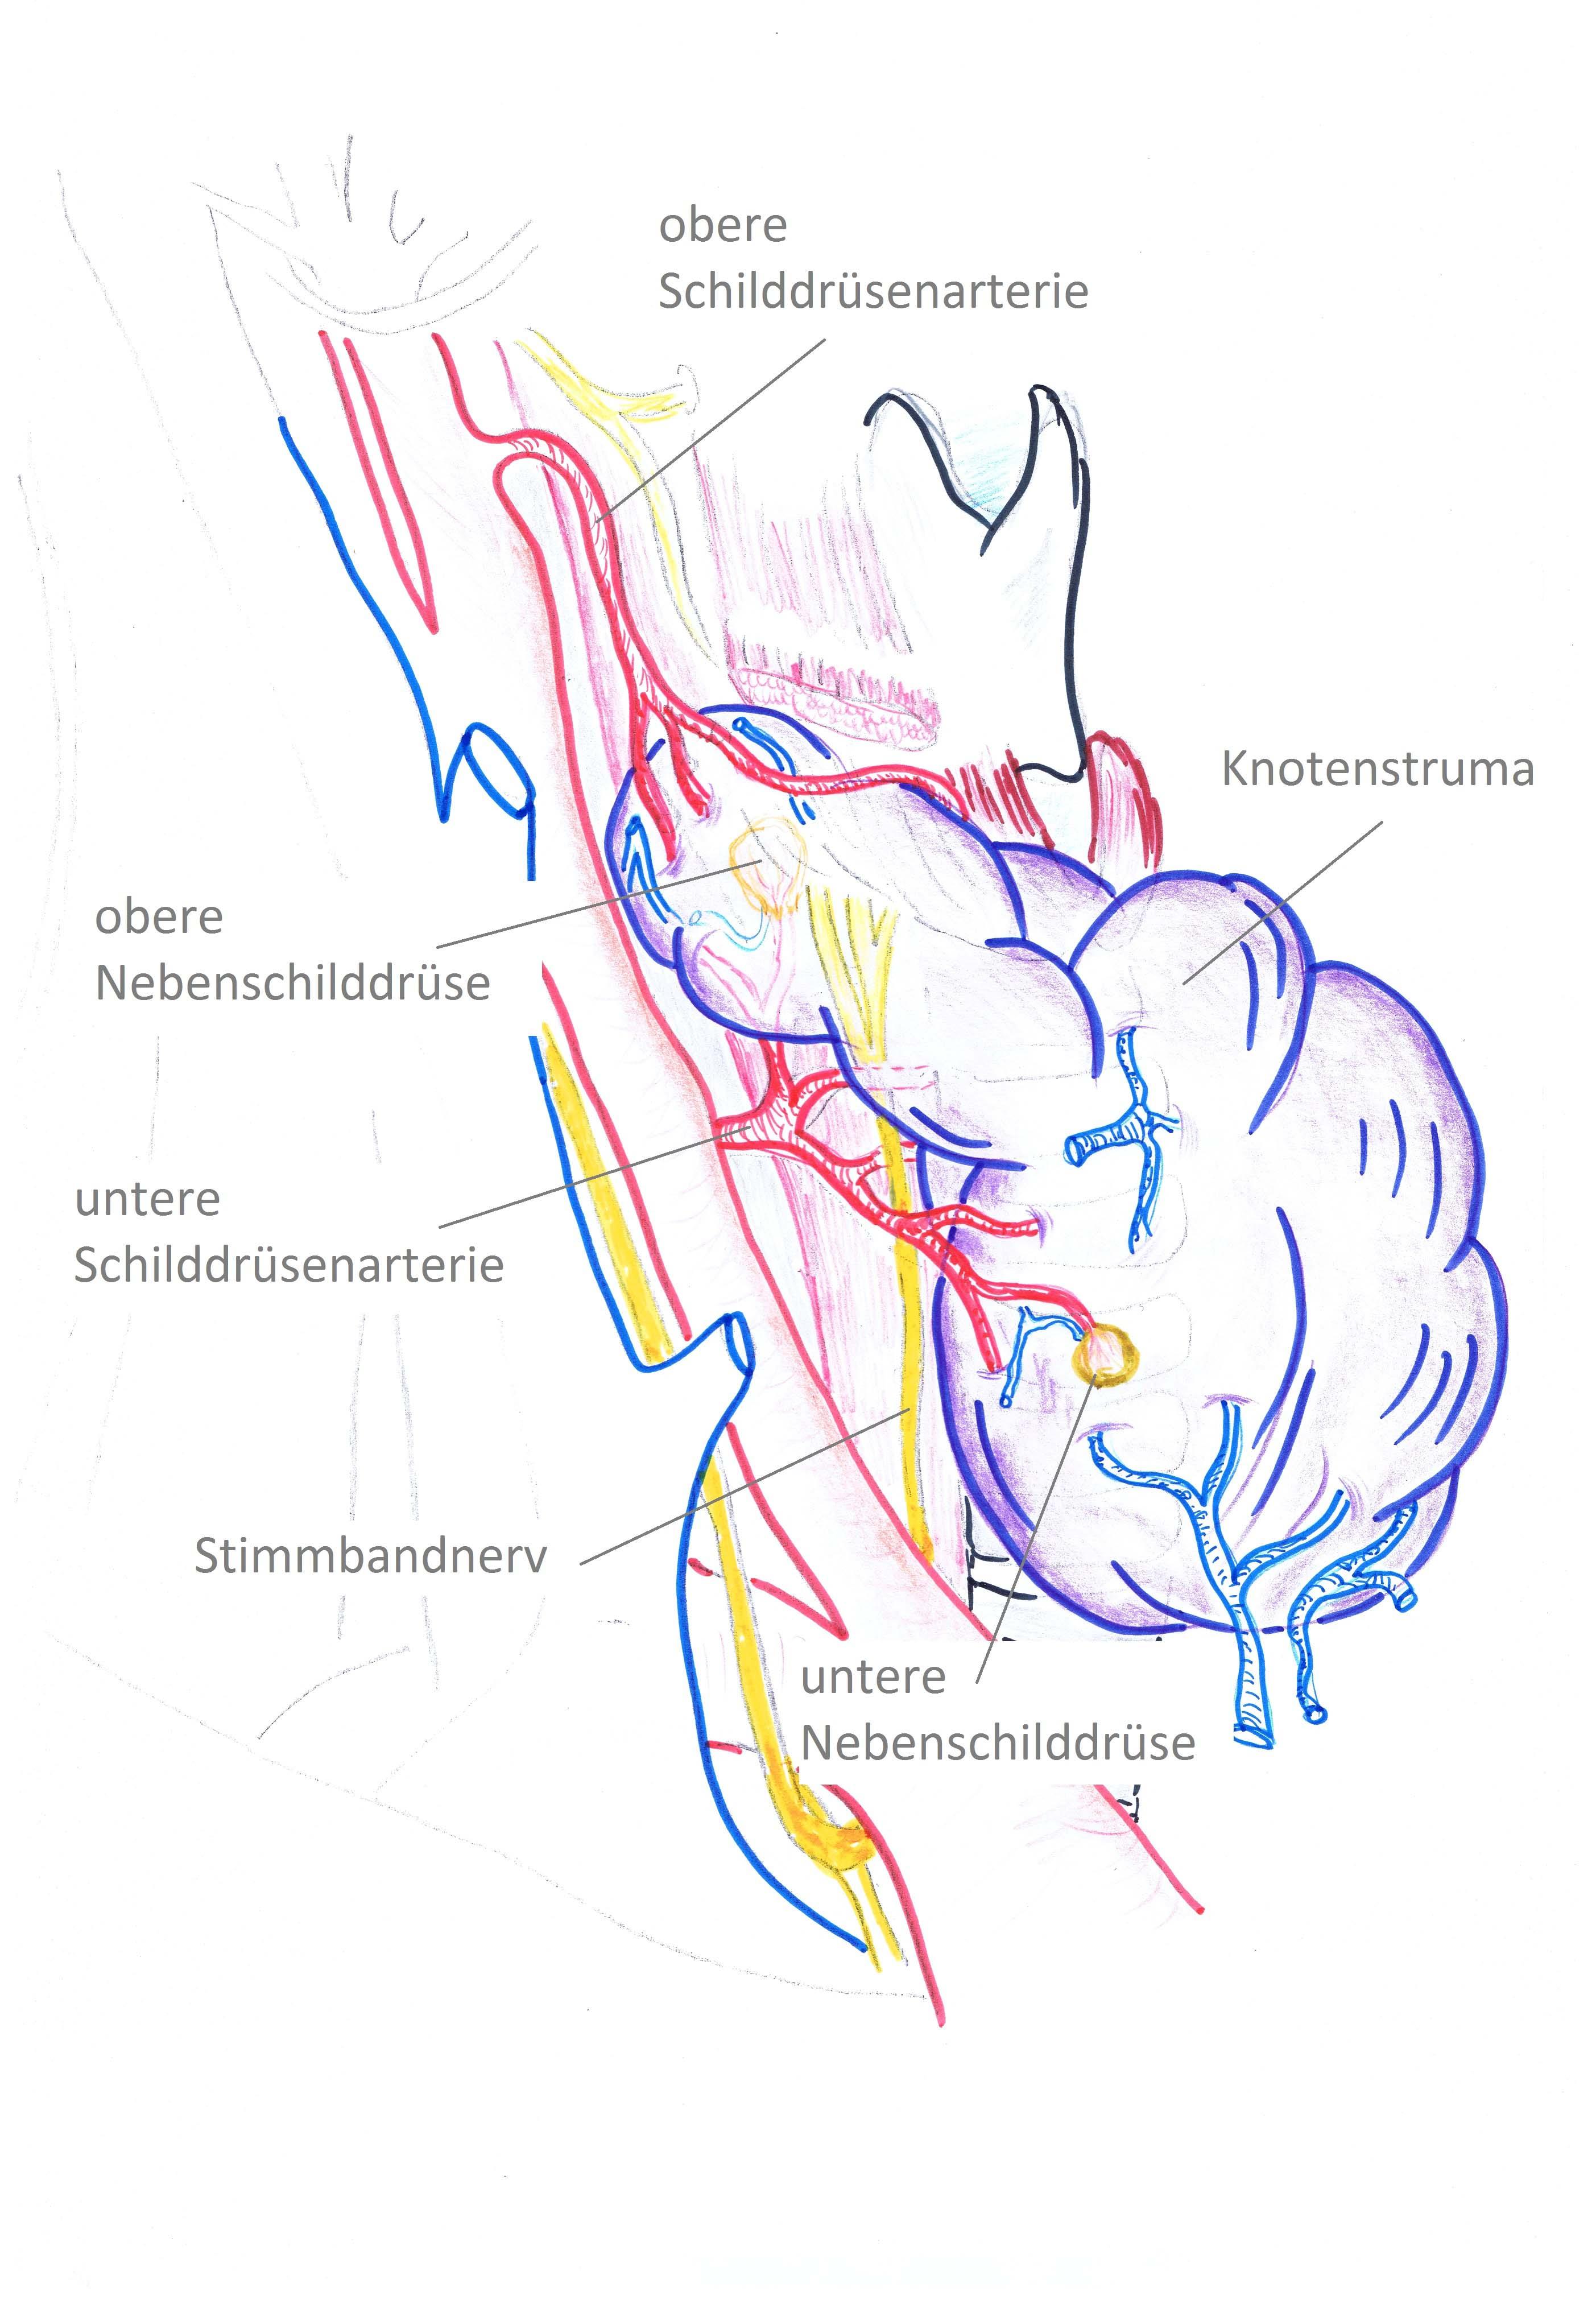 Schematische Skizze mit Stimmbandnerv und Nebenschilddrüsen